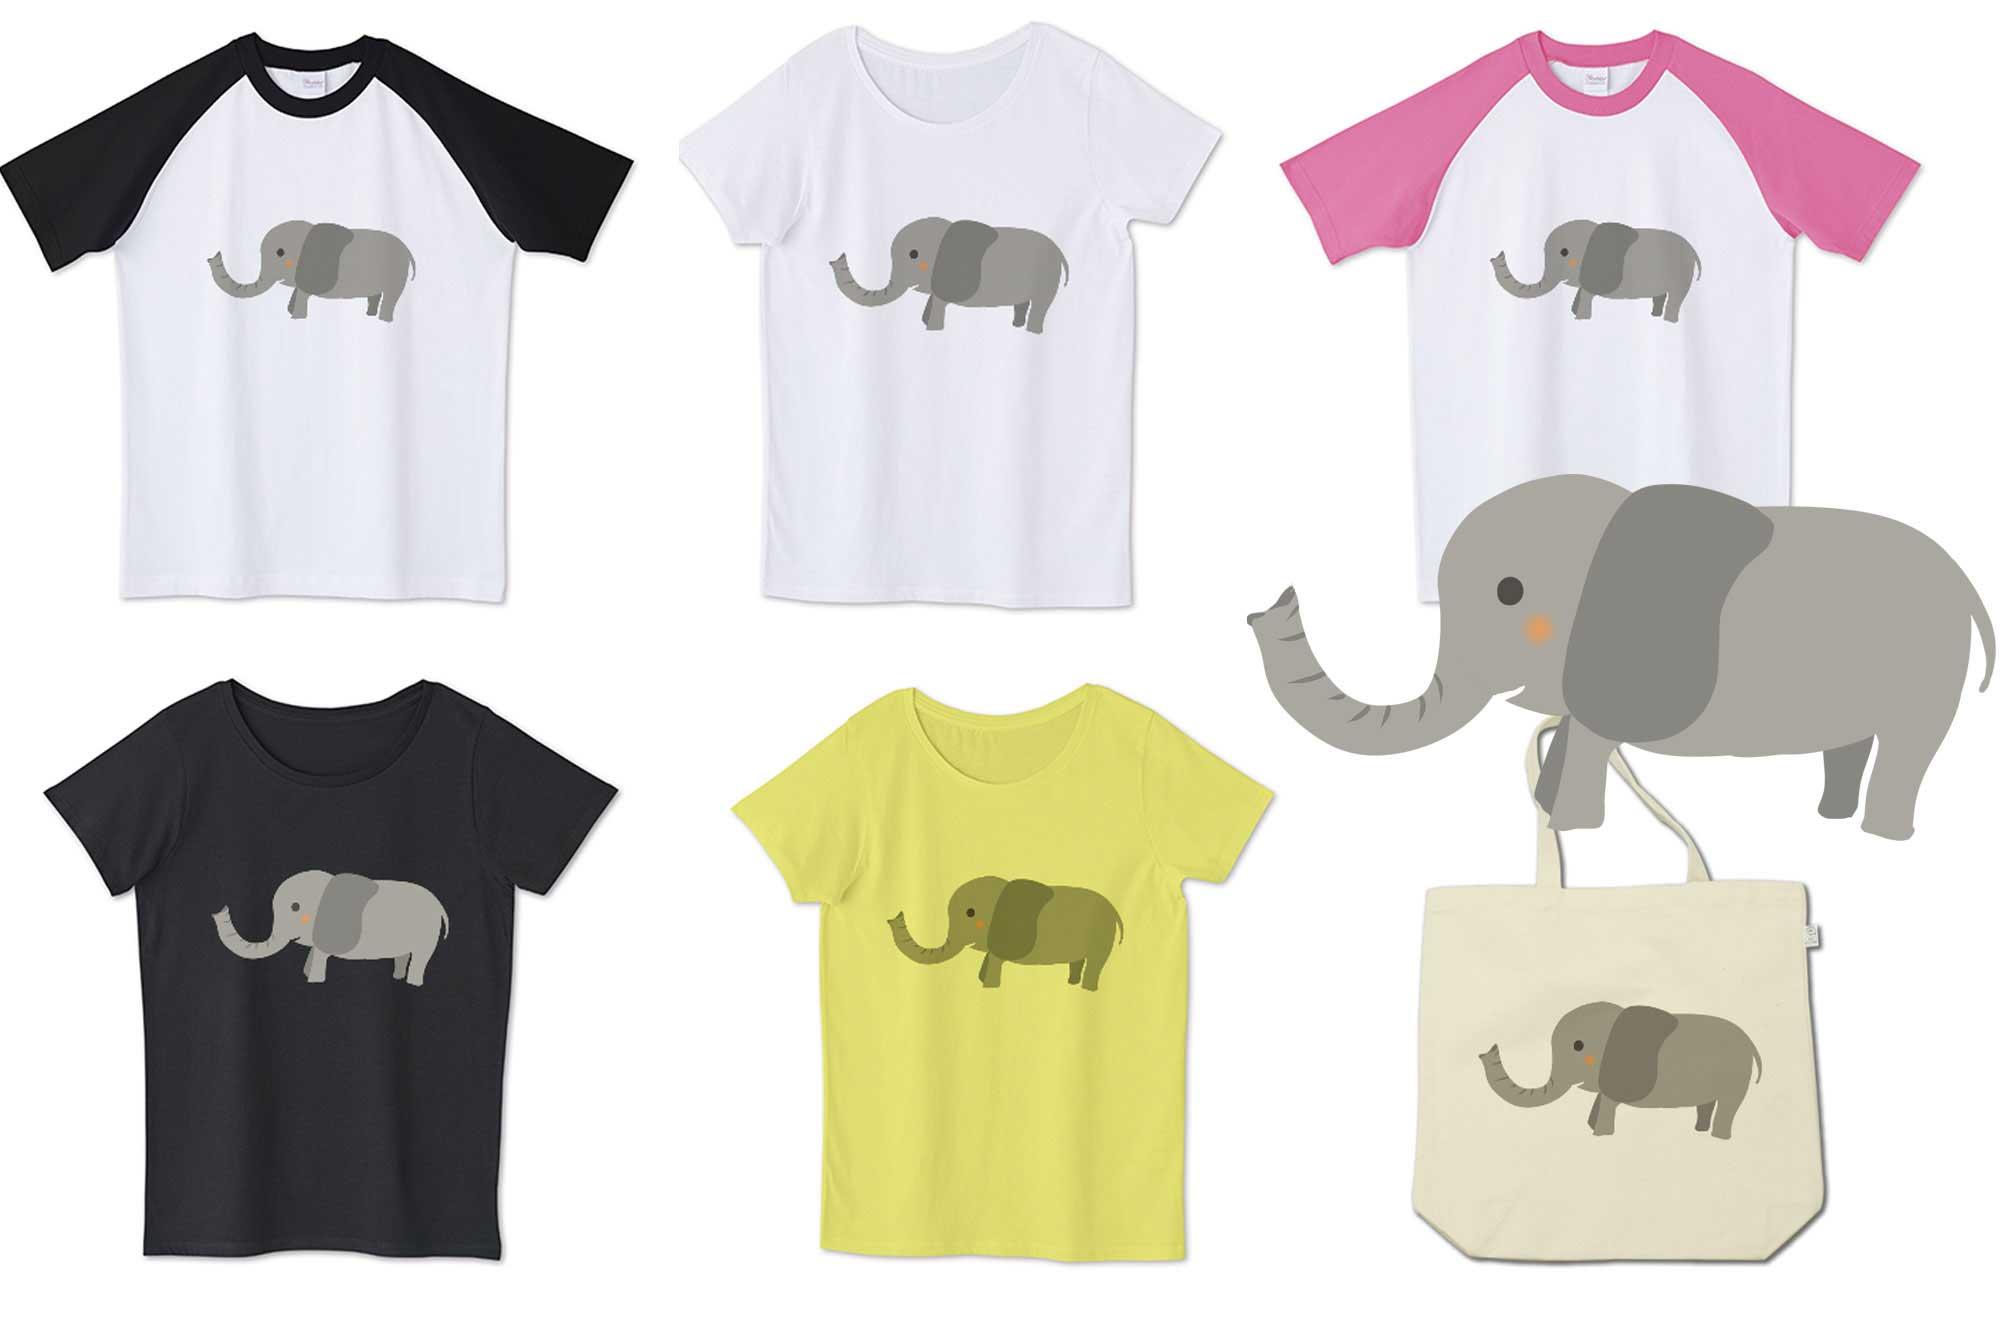 可愛い象Tシャツ - 手書きの面白いキャラクターグッズ